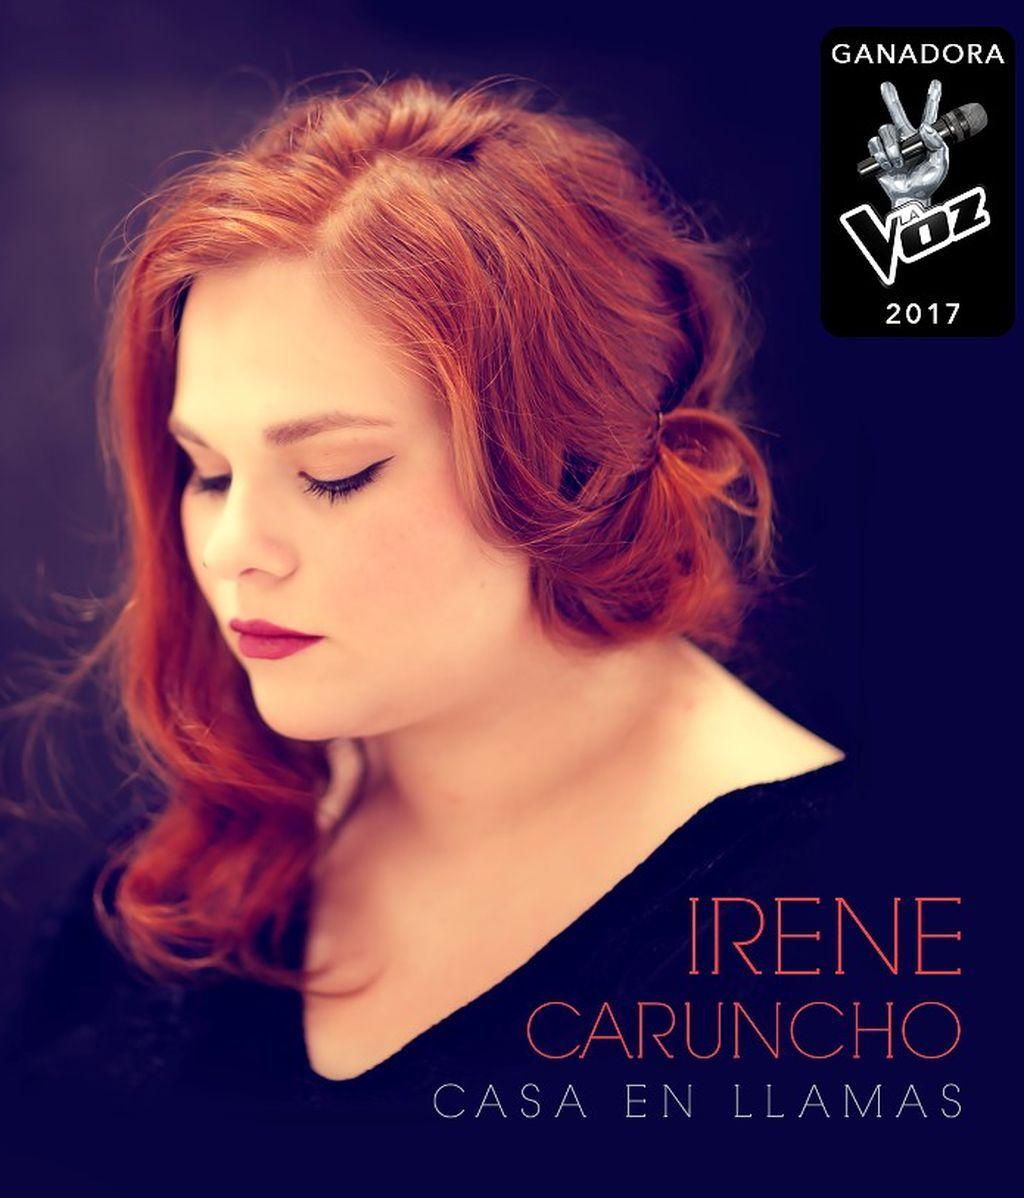 """¡Estreno en primicia en Mediaset del primer videoclip de Irene Caruncho """"Otra vez""""!"""